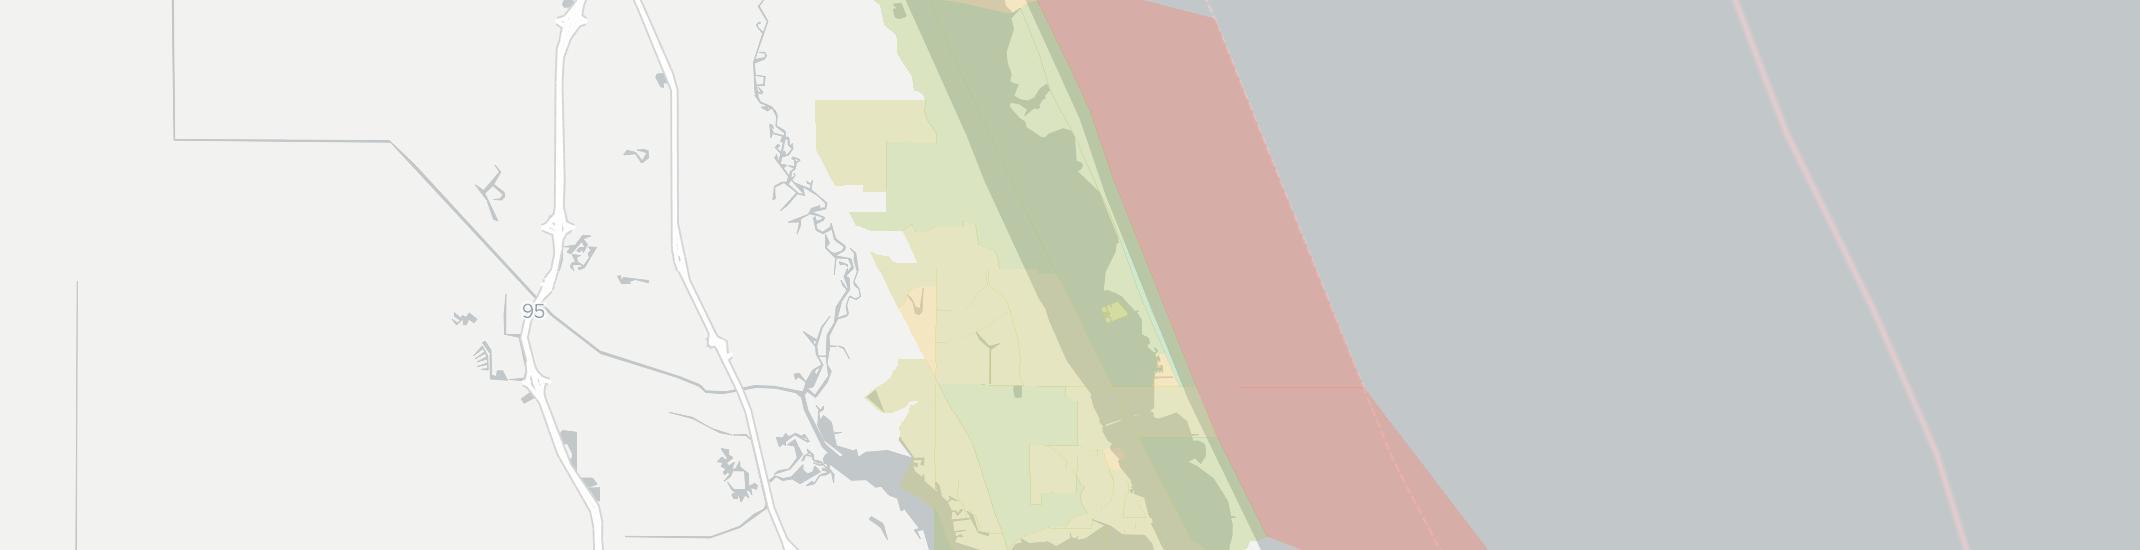 Internet Providers In Jensen Beach Compare 15 Providers